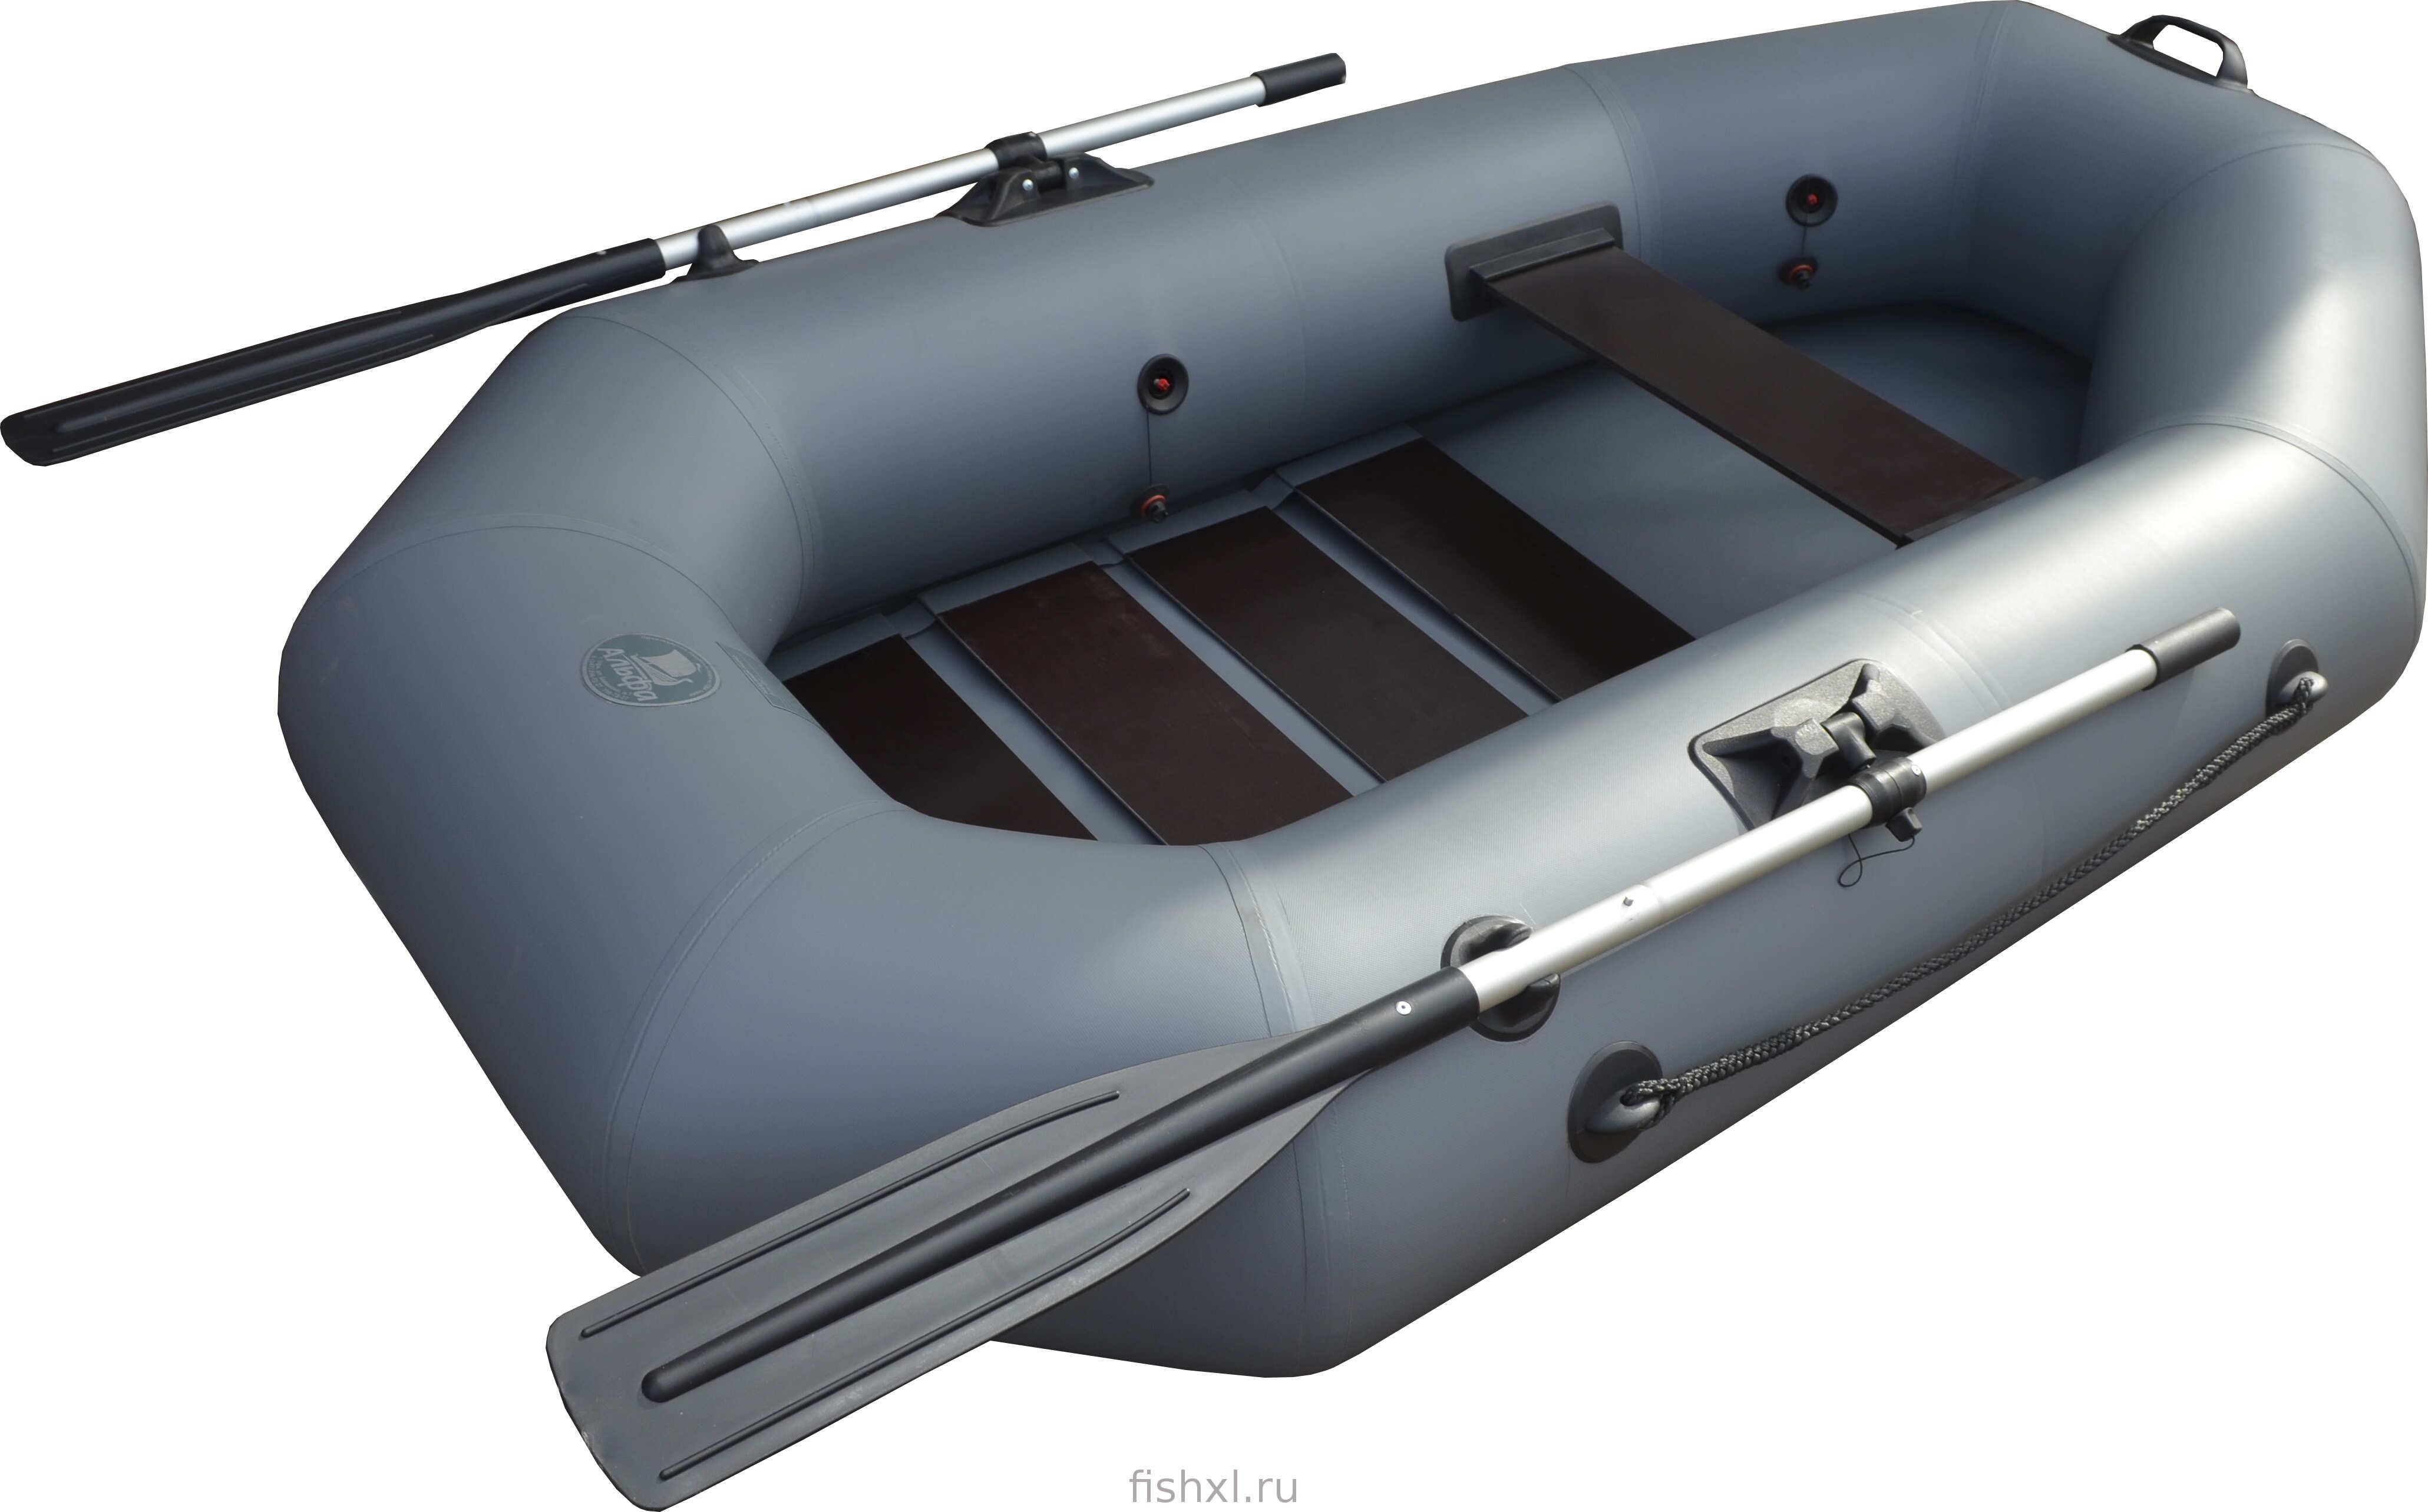 купить лодку пвх в смоленске магазин